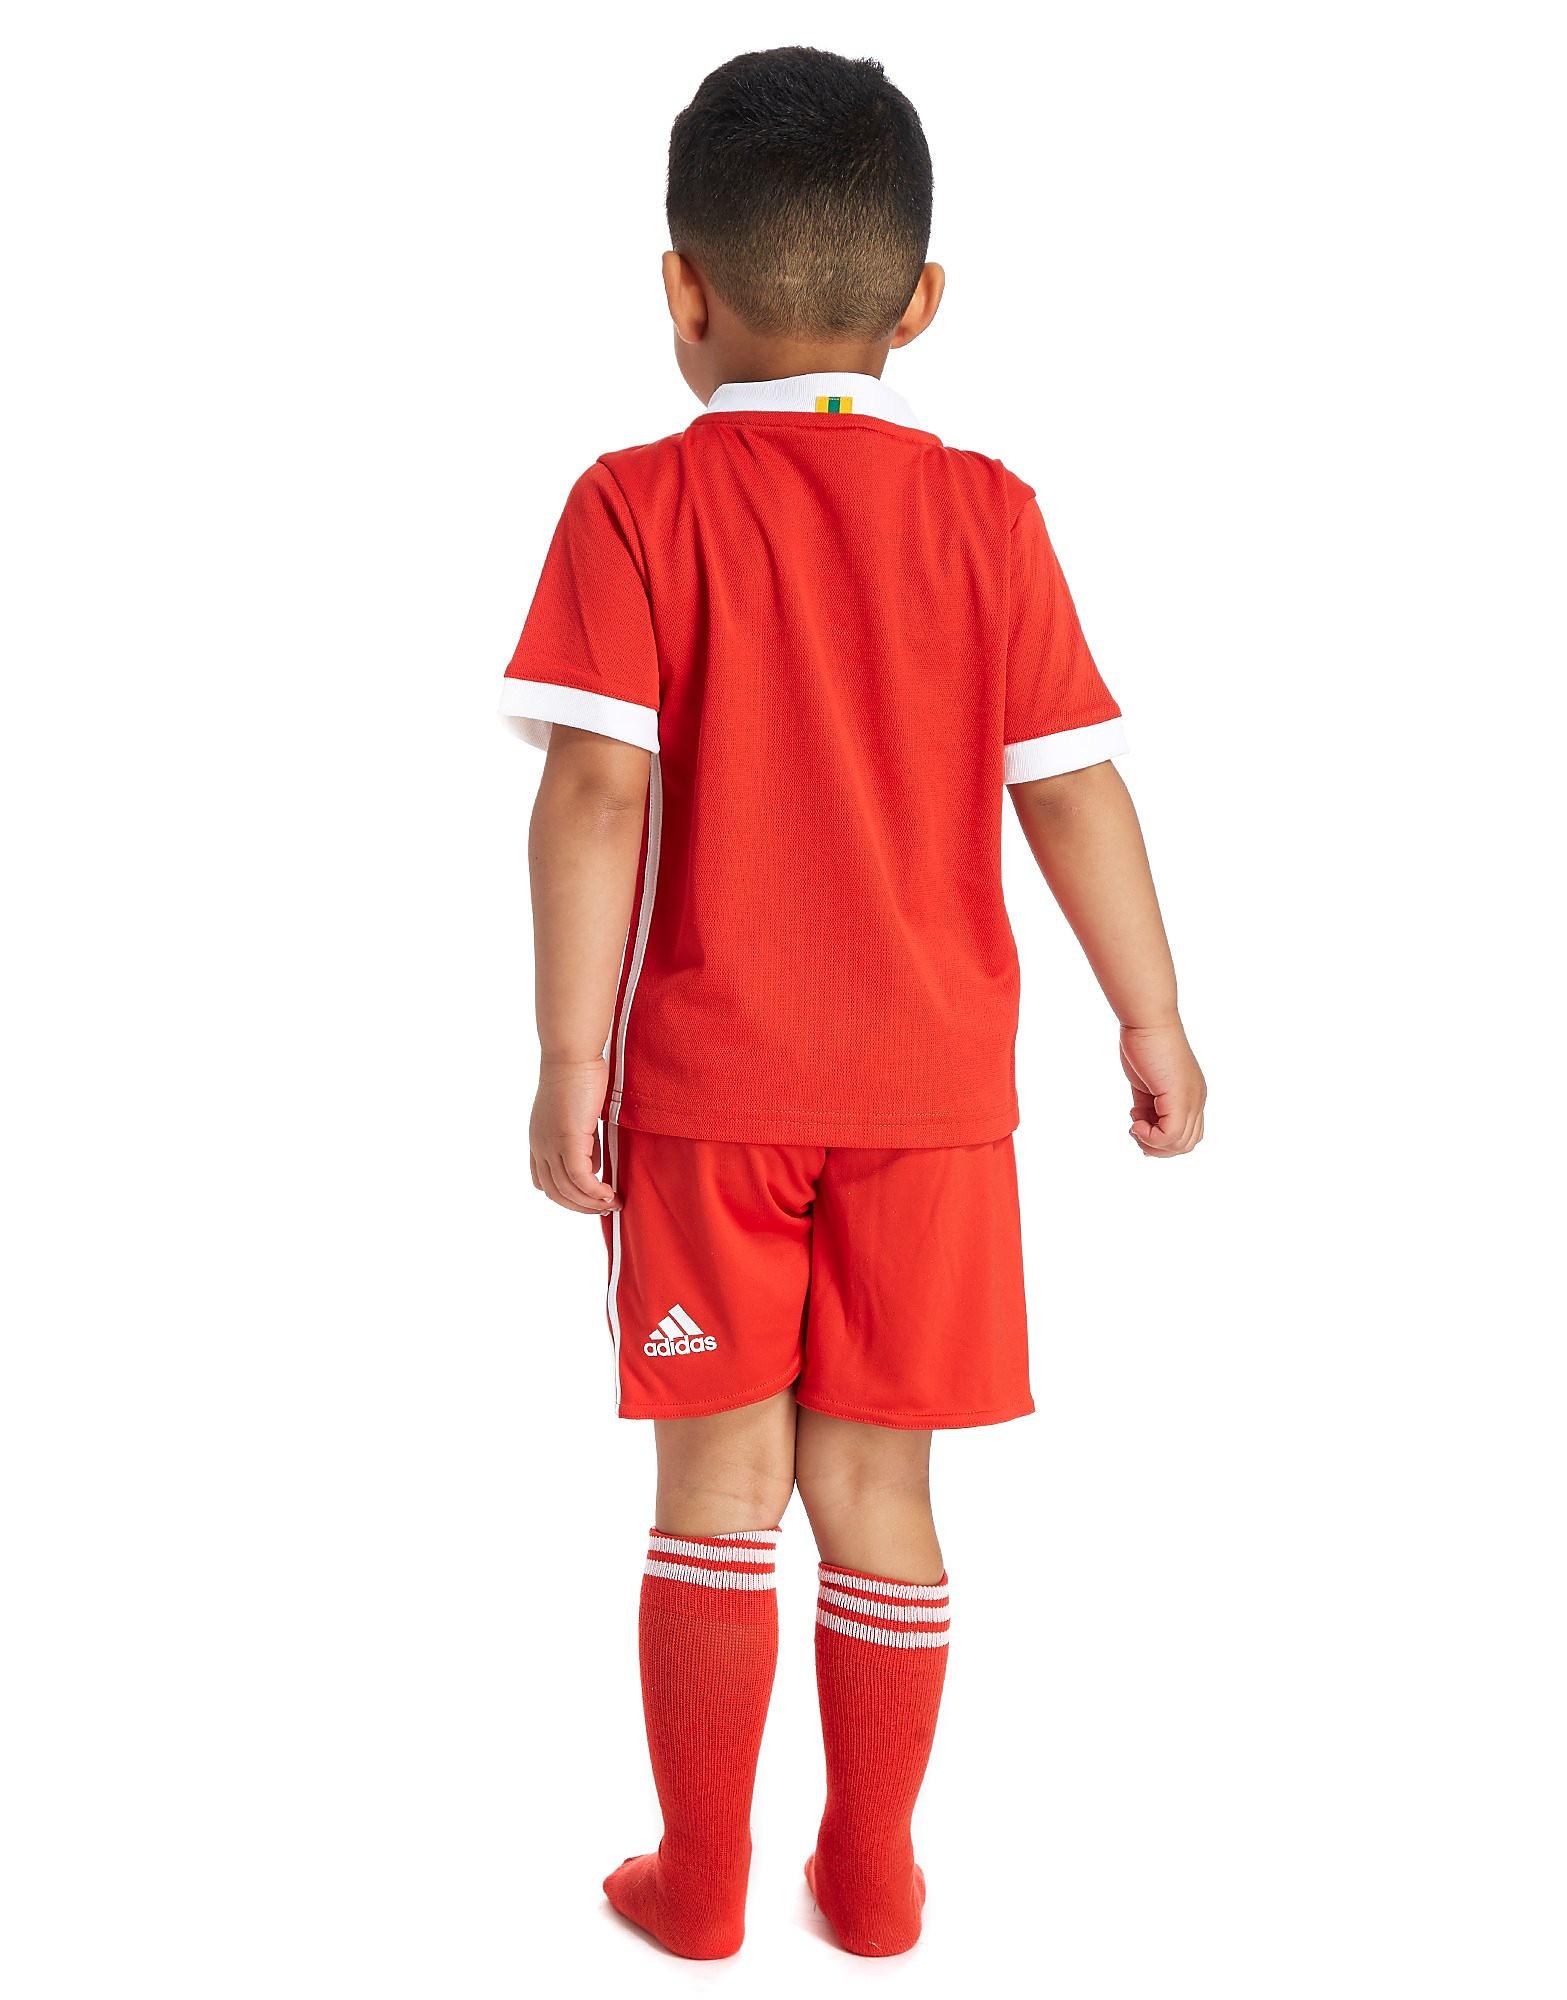 adidas Galles 2017/18 Completo Home Bambino